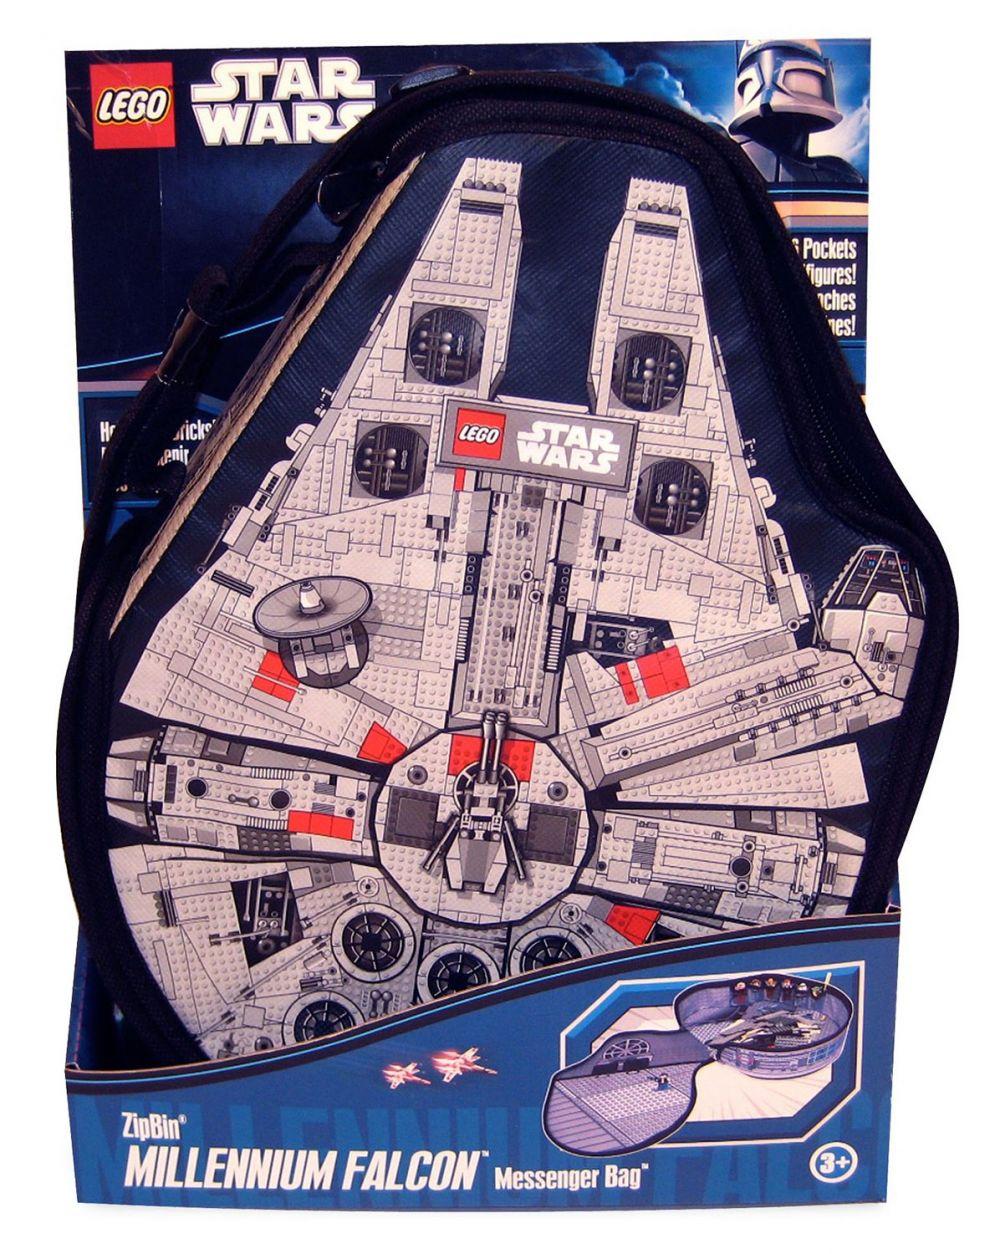 Brique De Rangement Lego Grand Modele 28 Images Brique De Rangement Lego 8 Plots Fonc 233